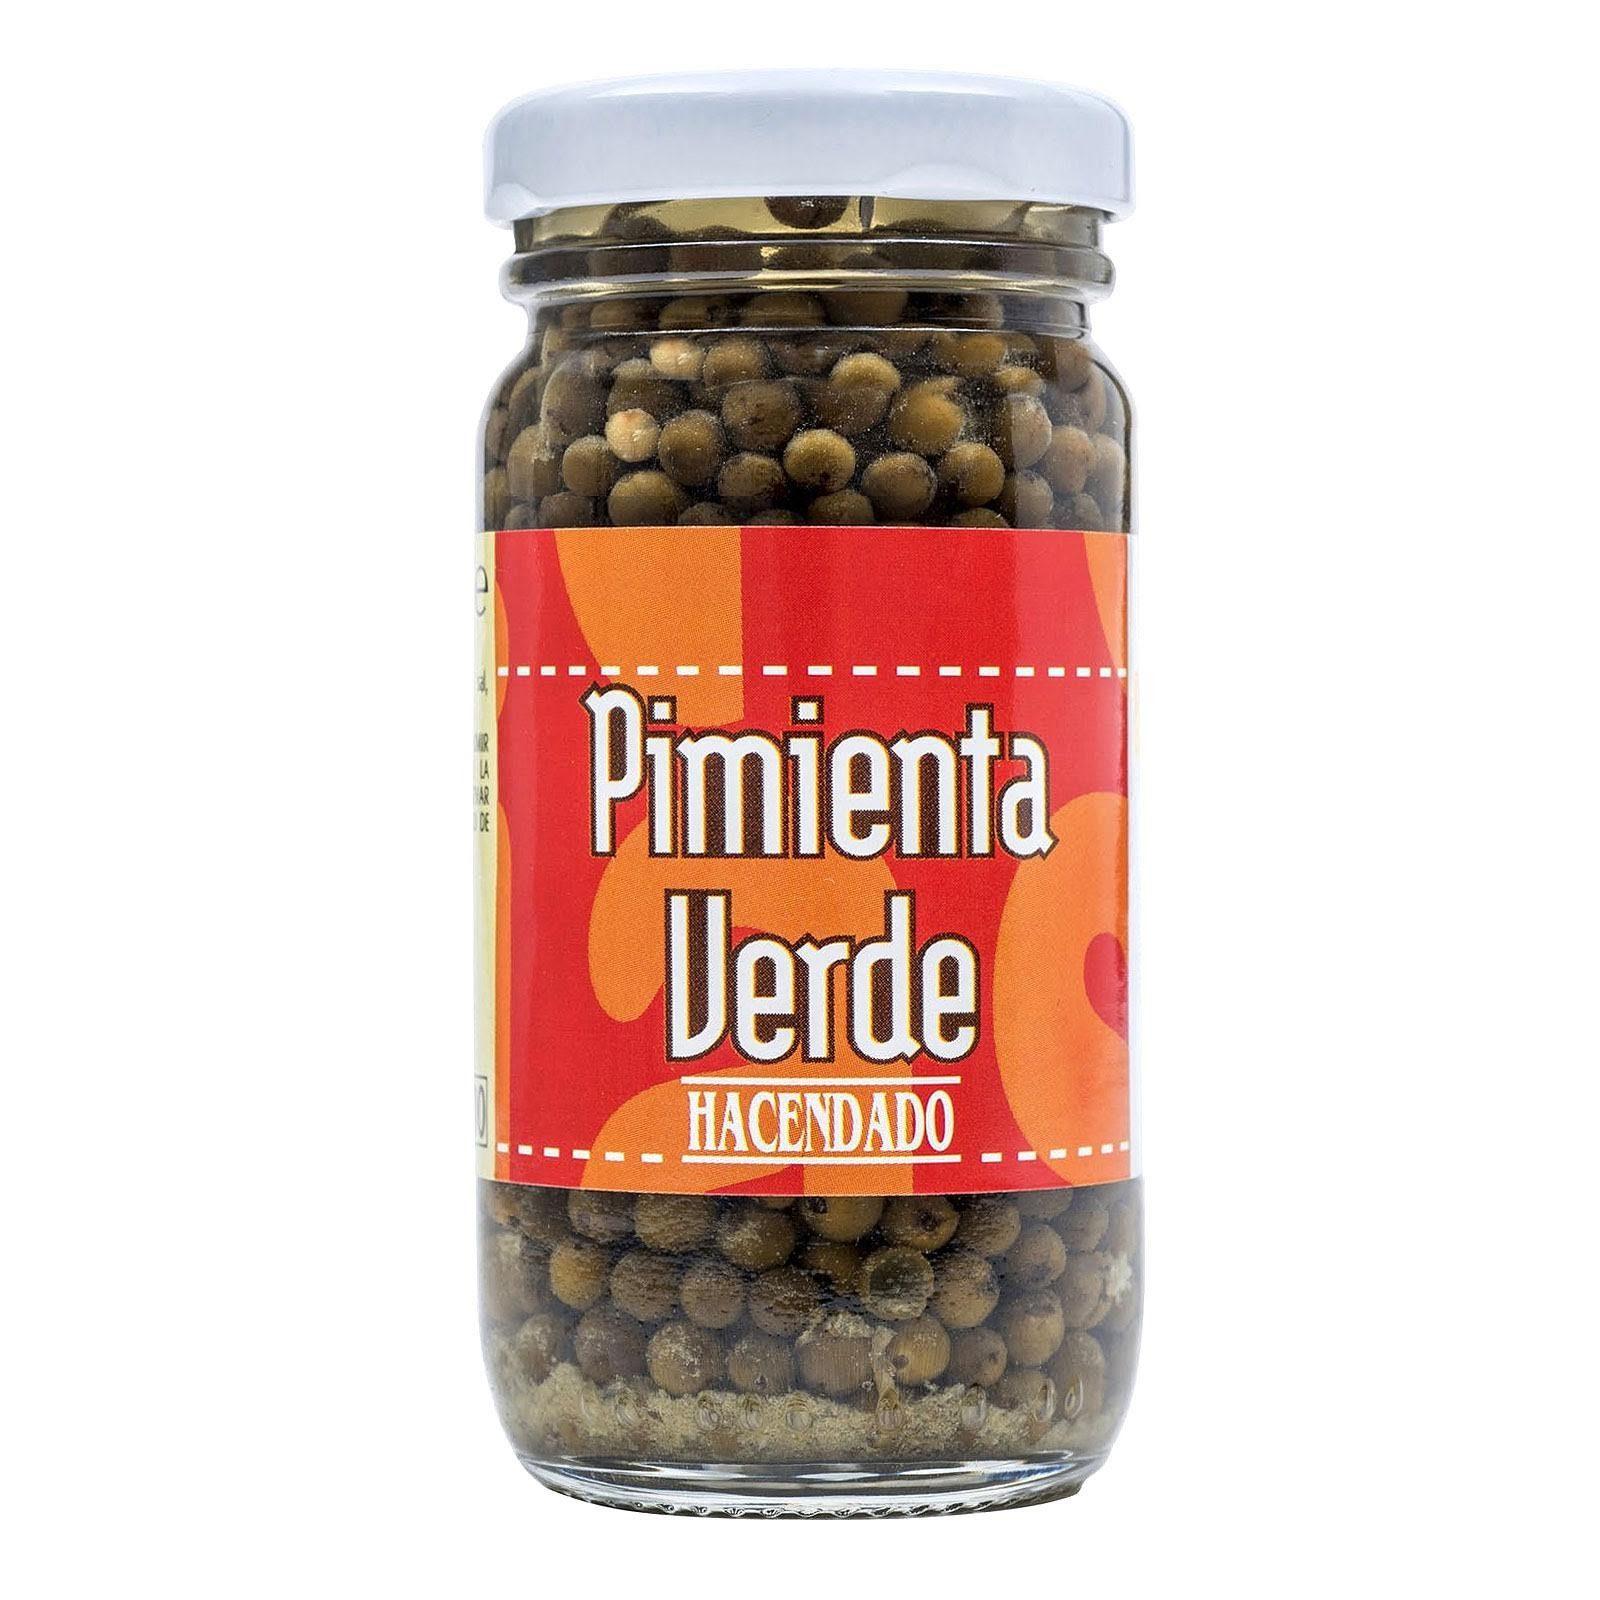 pimienta-verde-en-grano-hacendado-mercadona-1-1110511